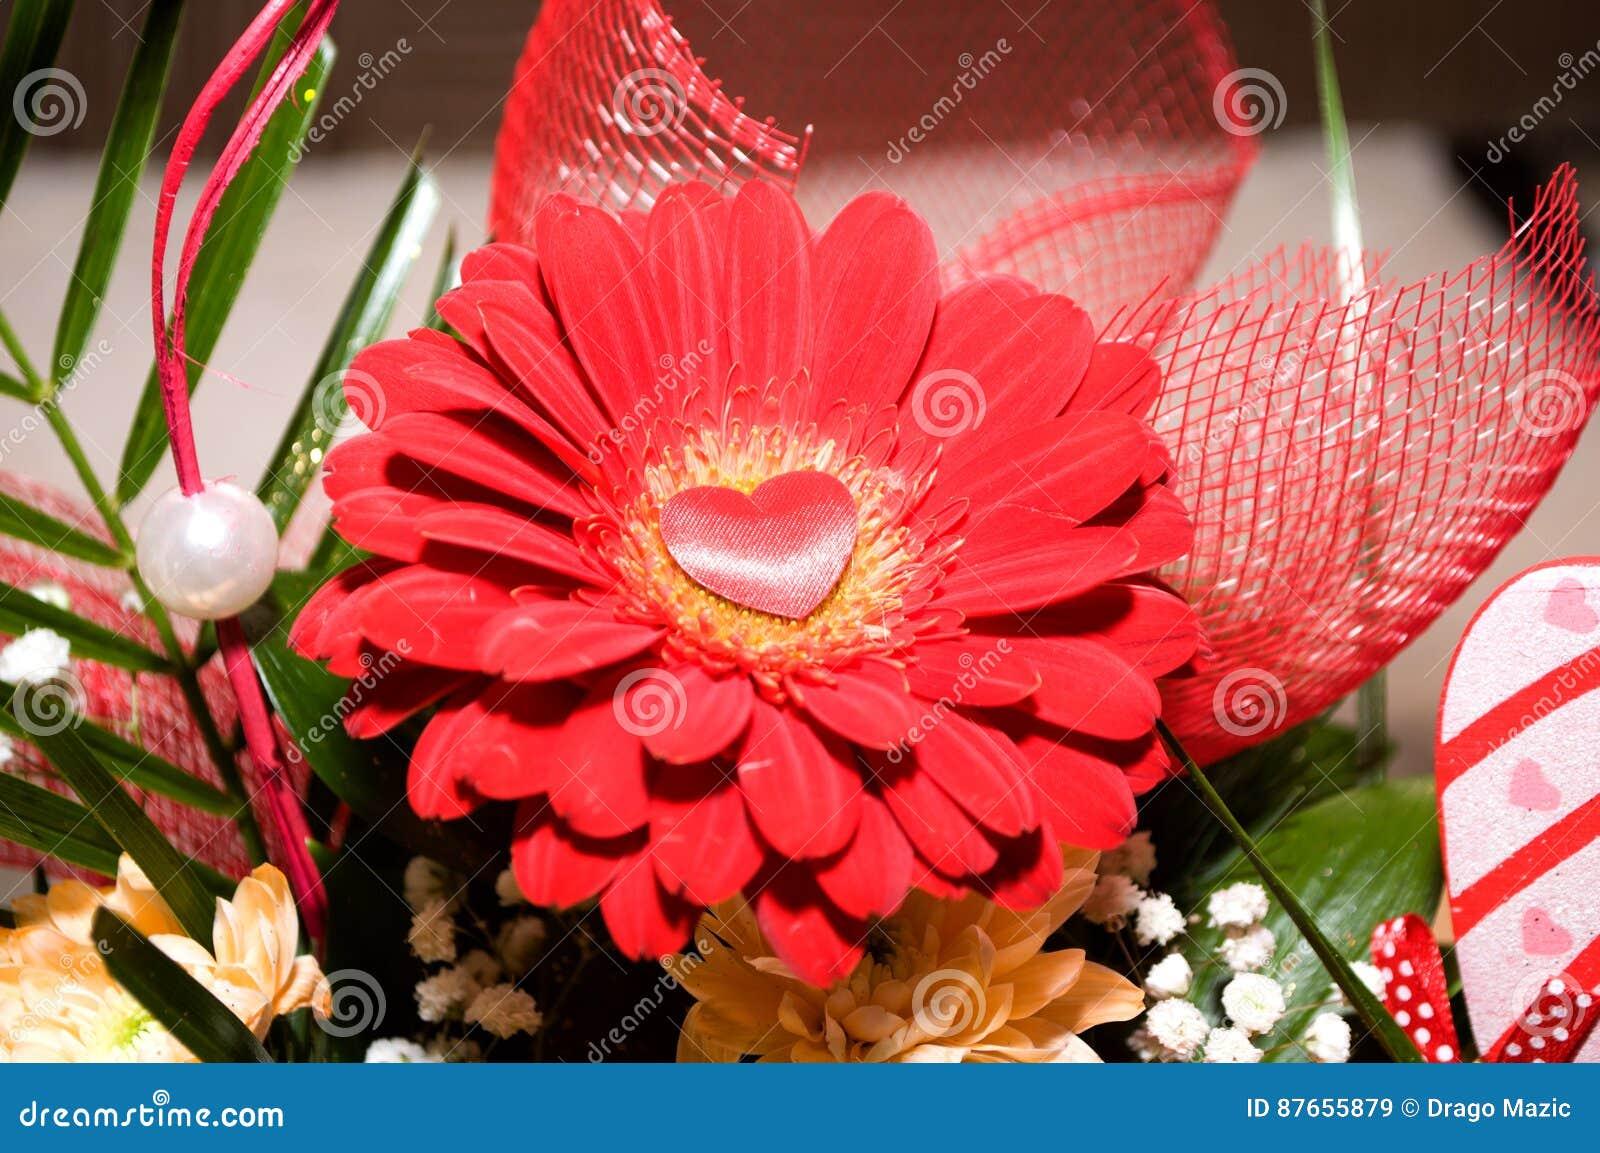 Pracht der roten Rosen seiner Schönheit und Frische